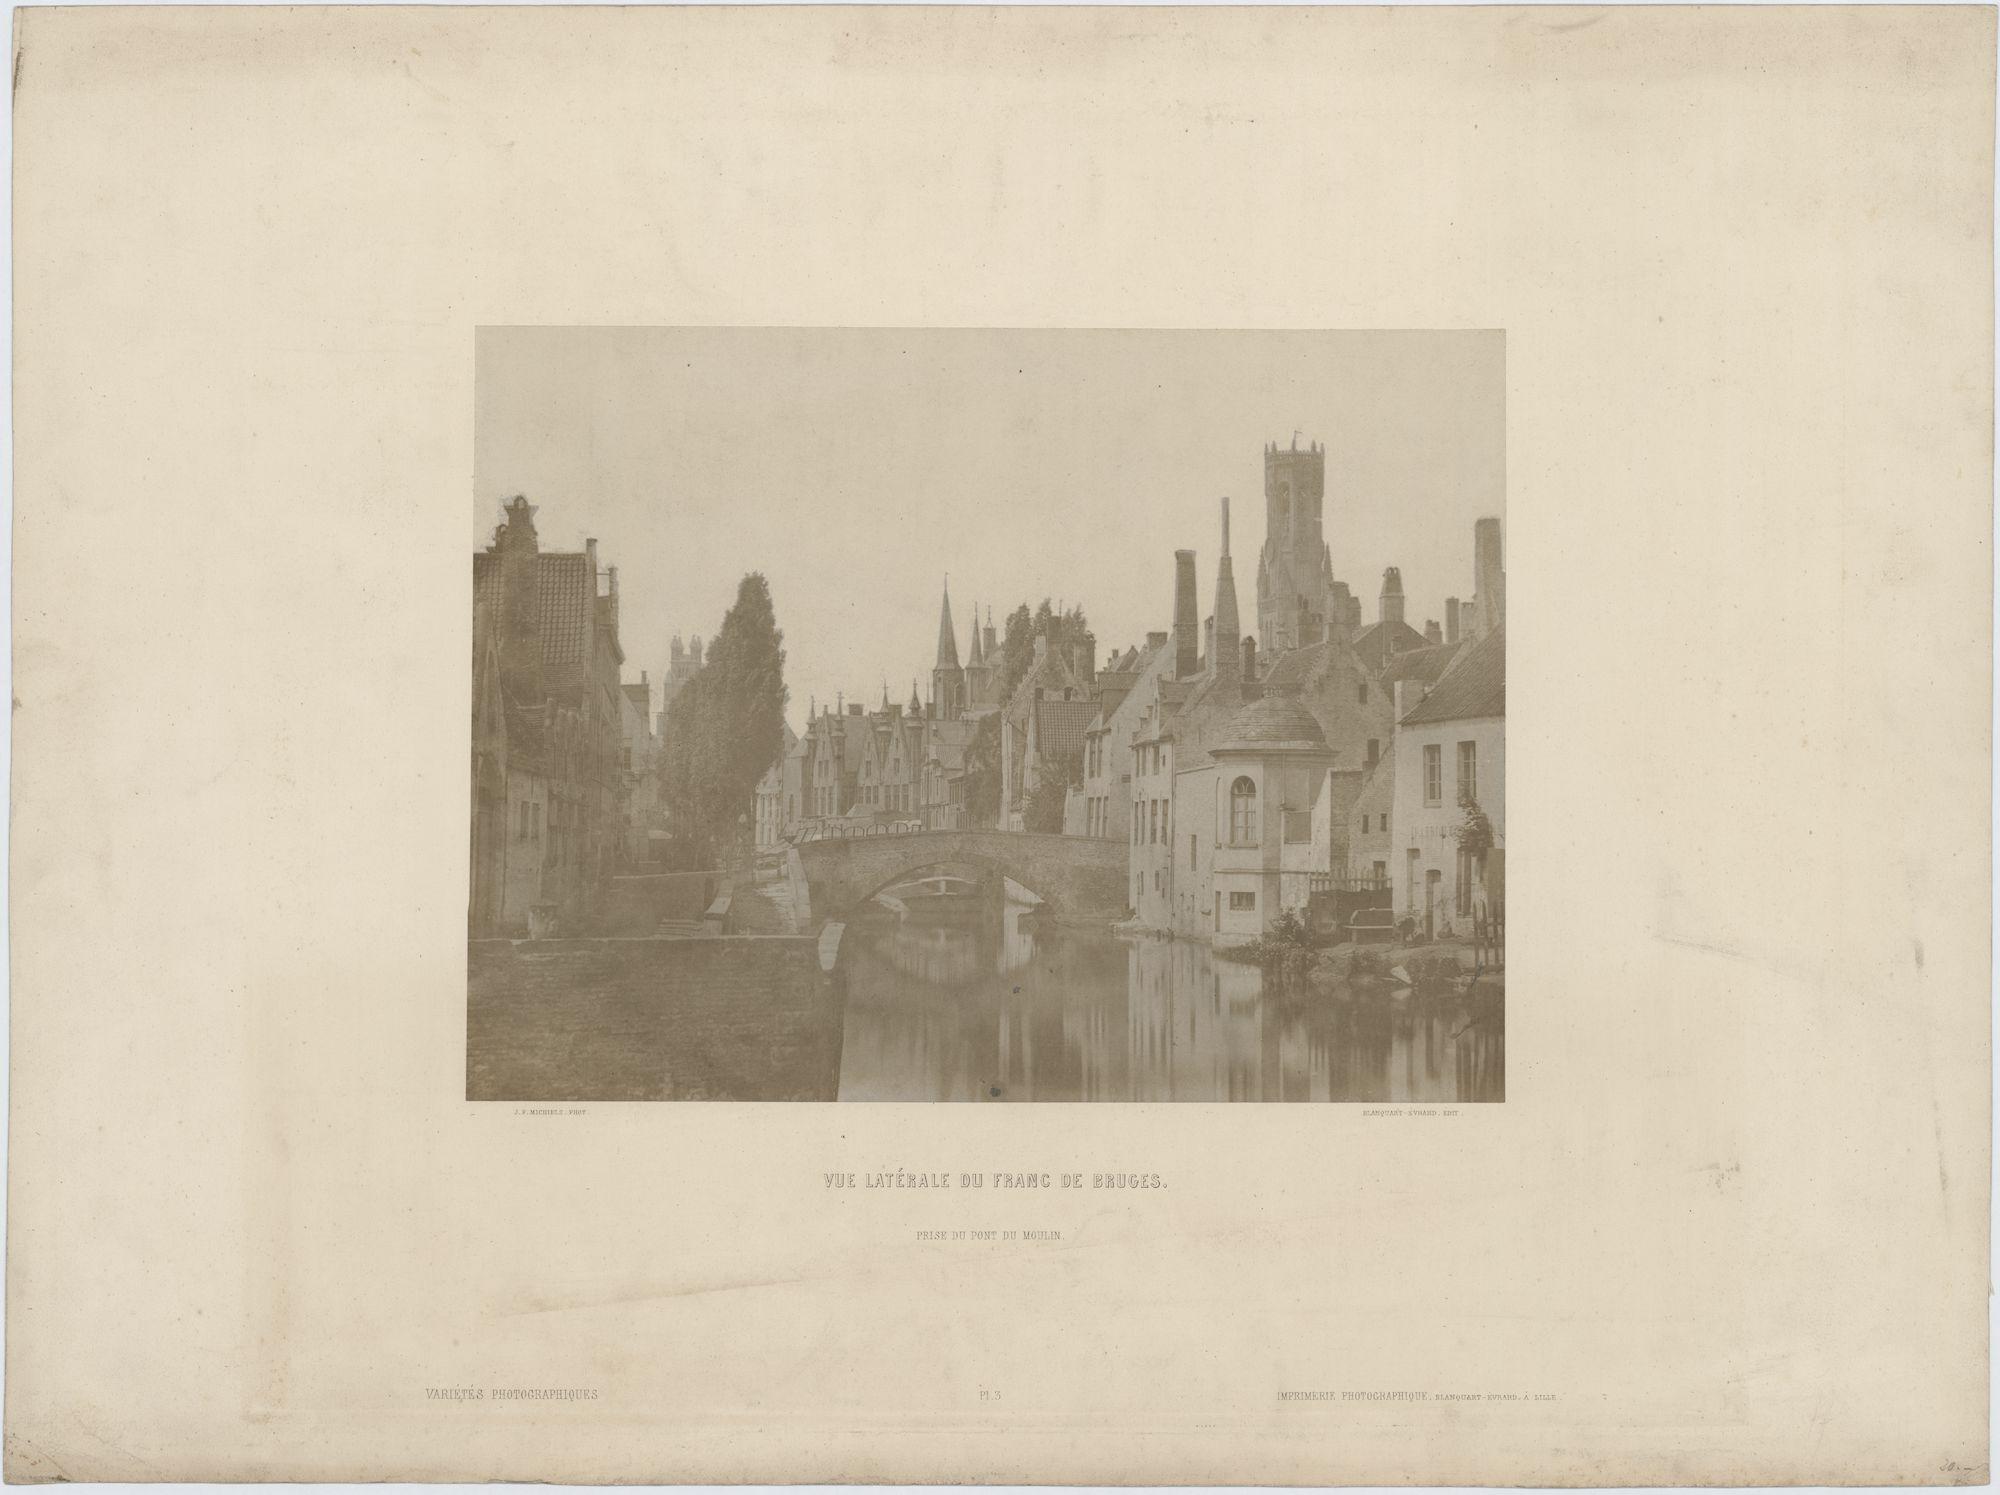 Westflandrica - Brugge, stadsgezicht